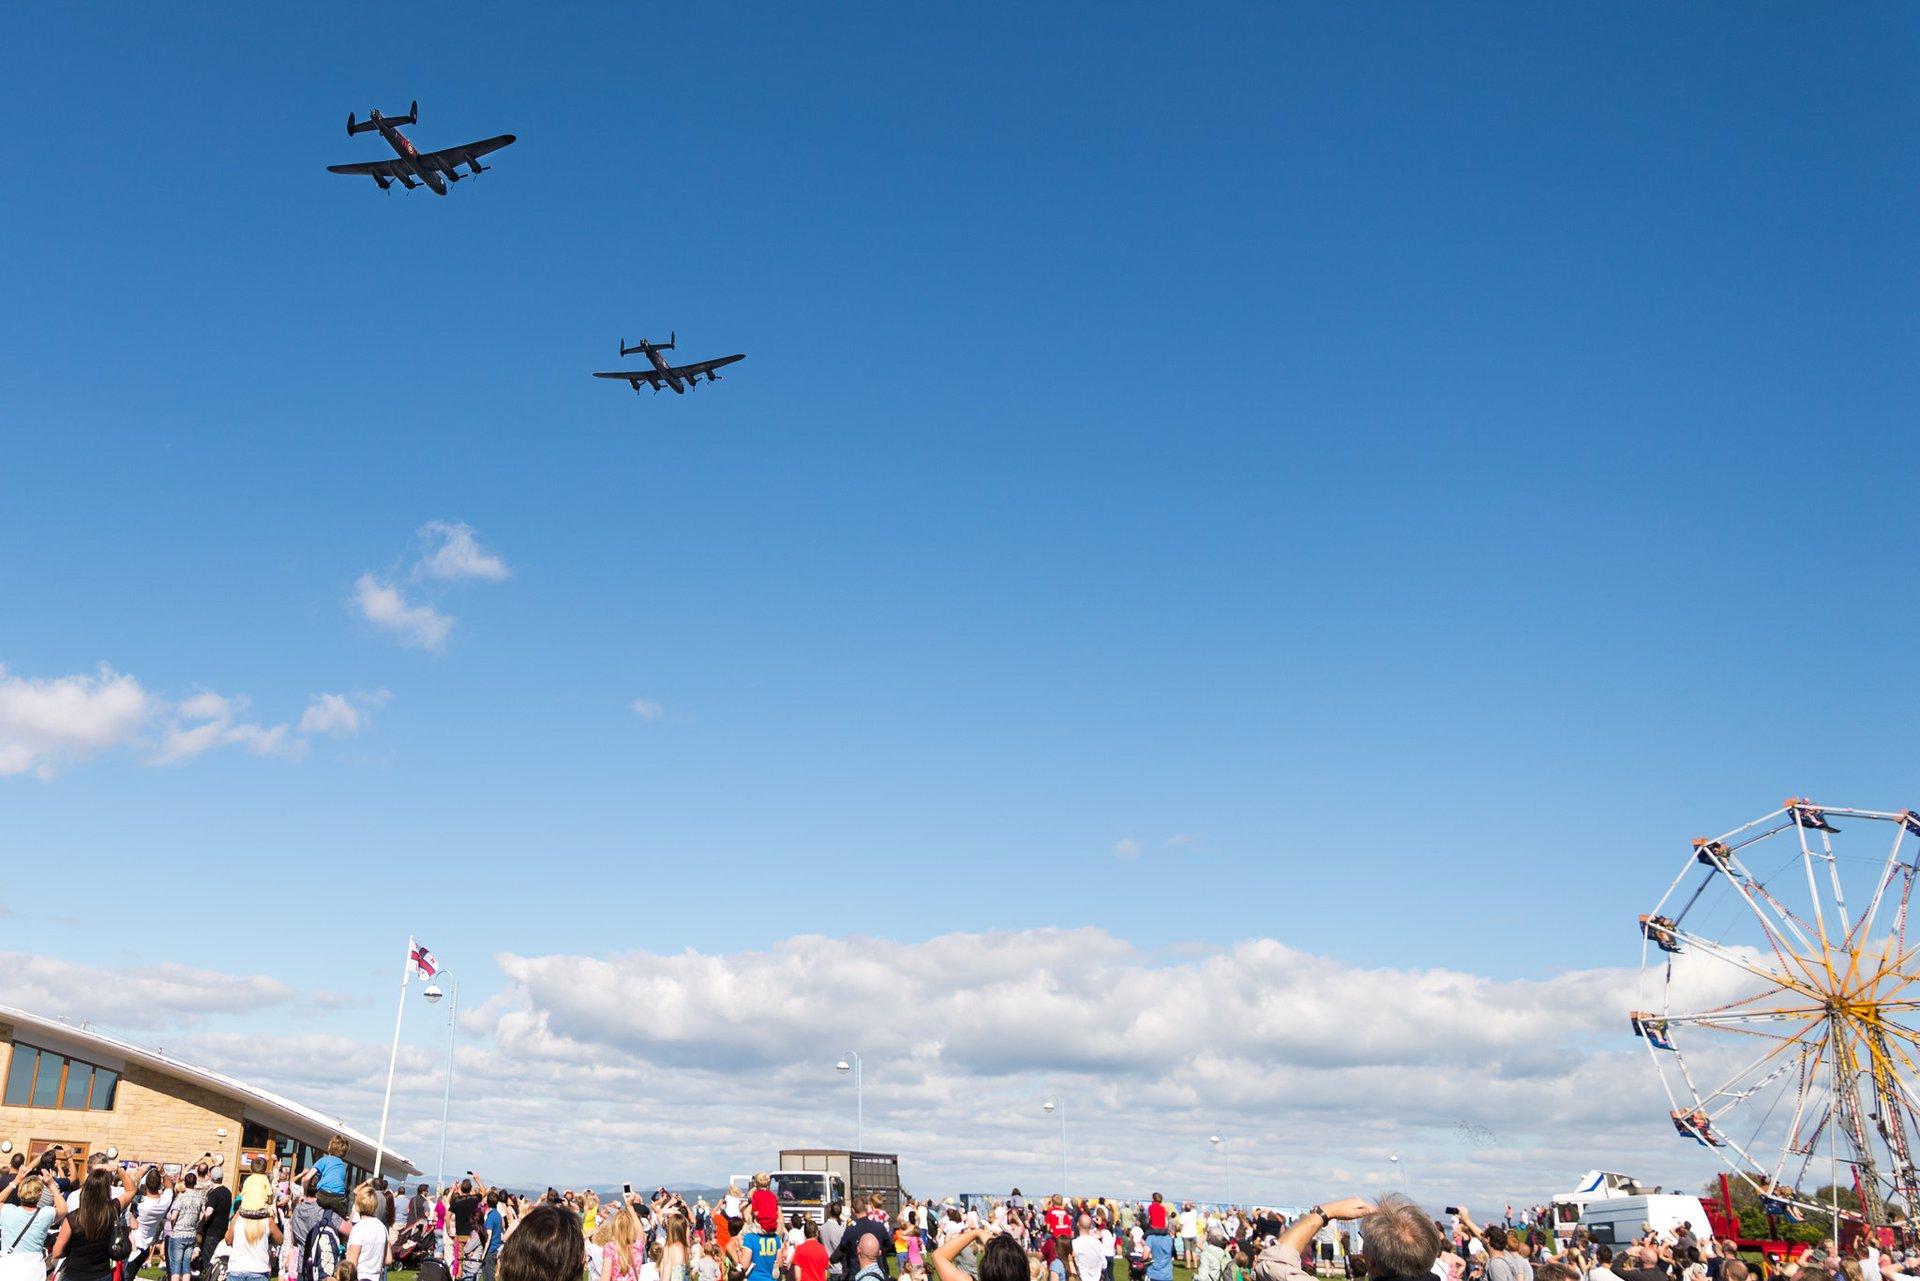 Dakota RAF flypast